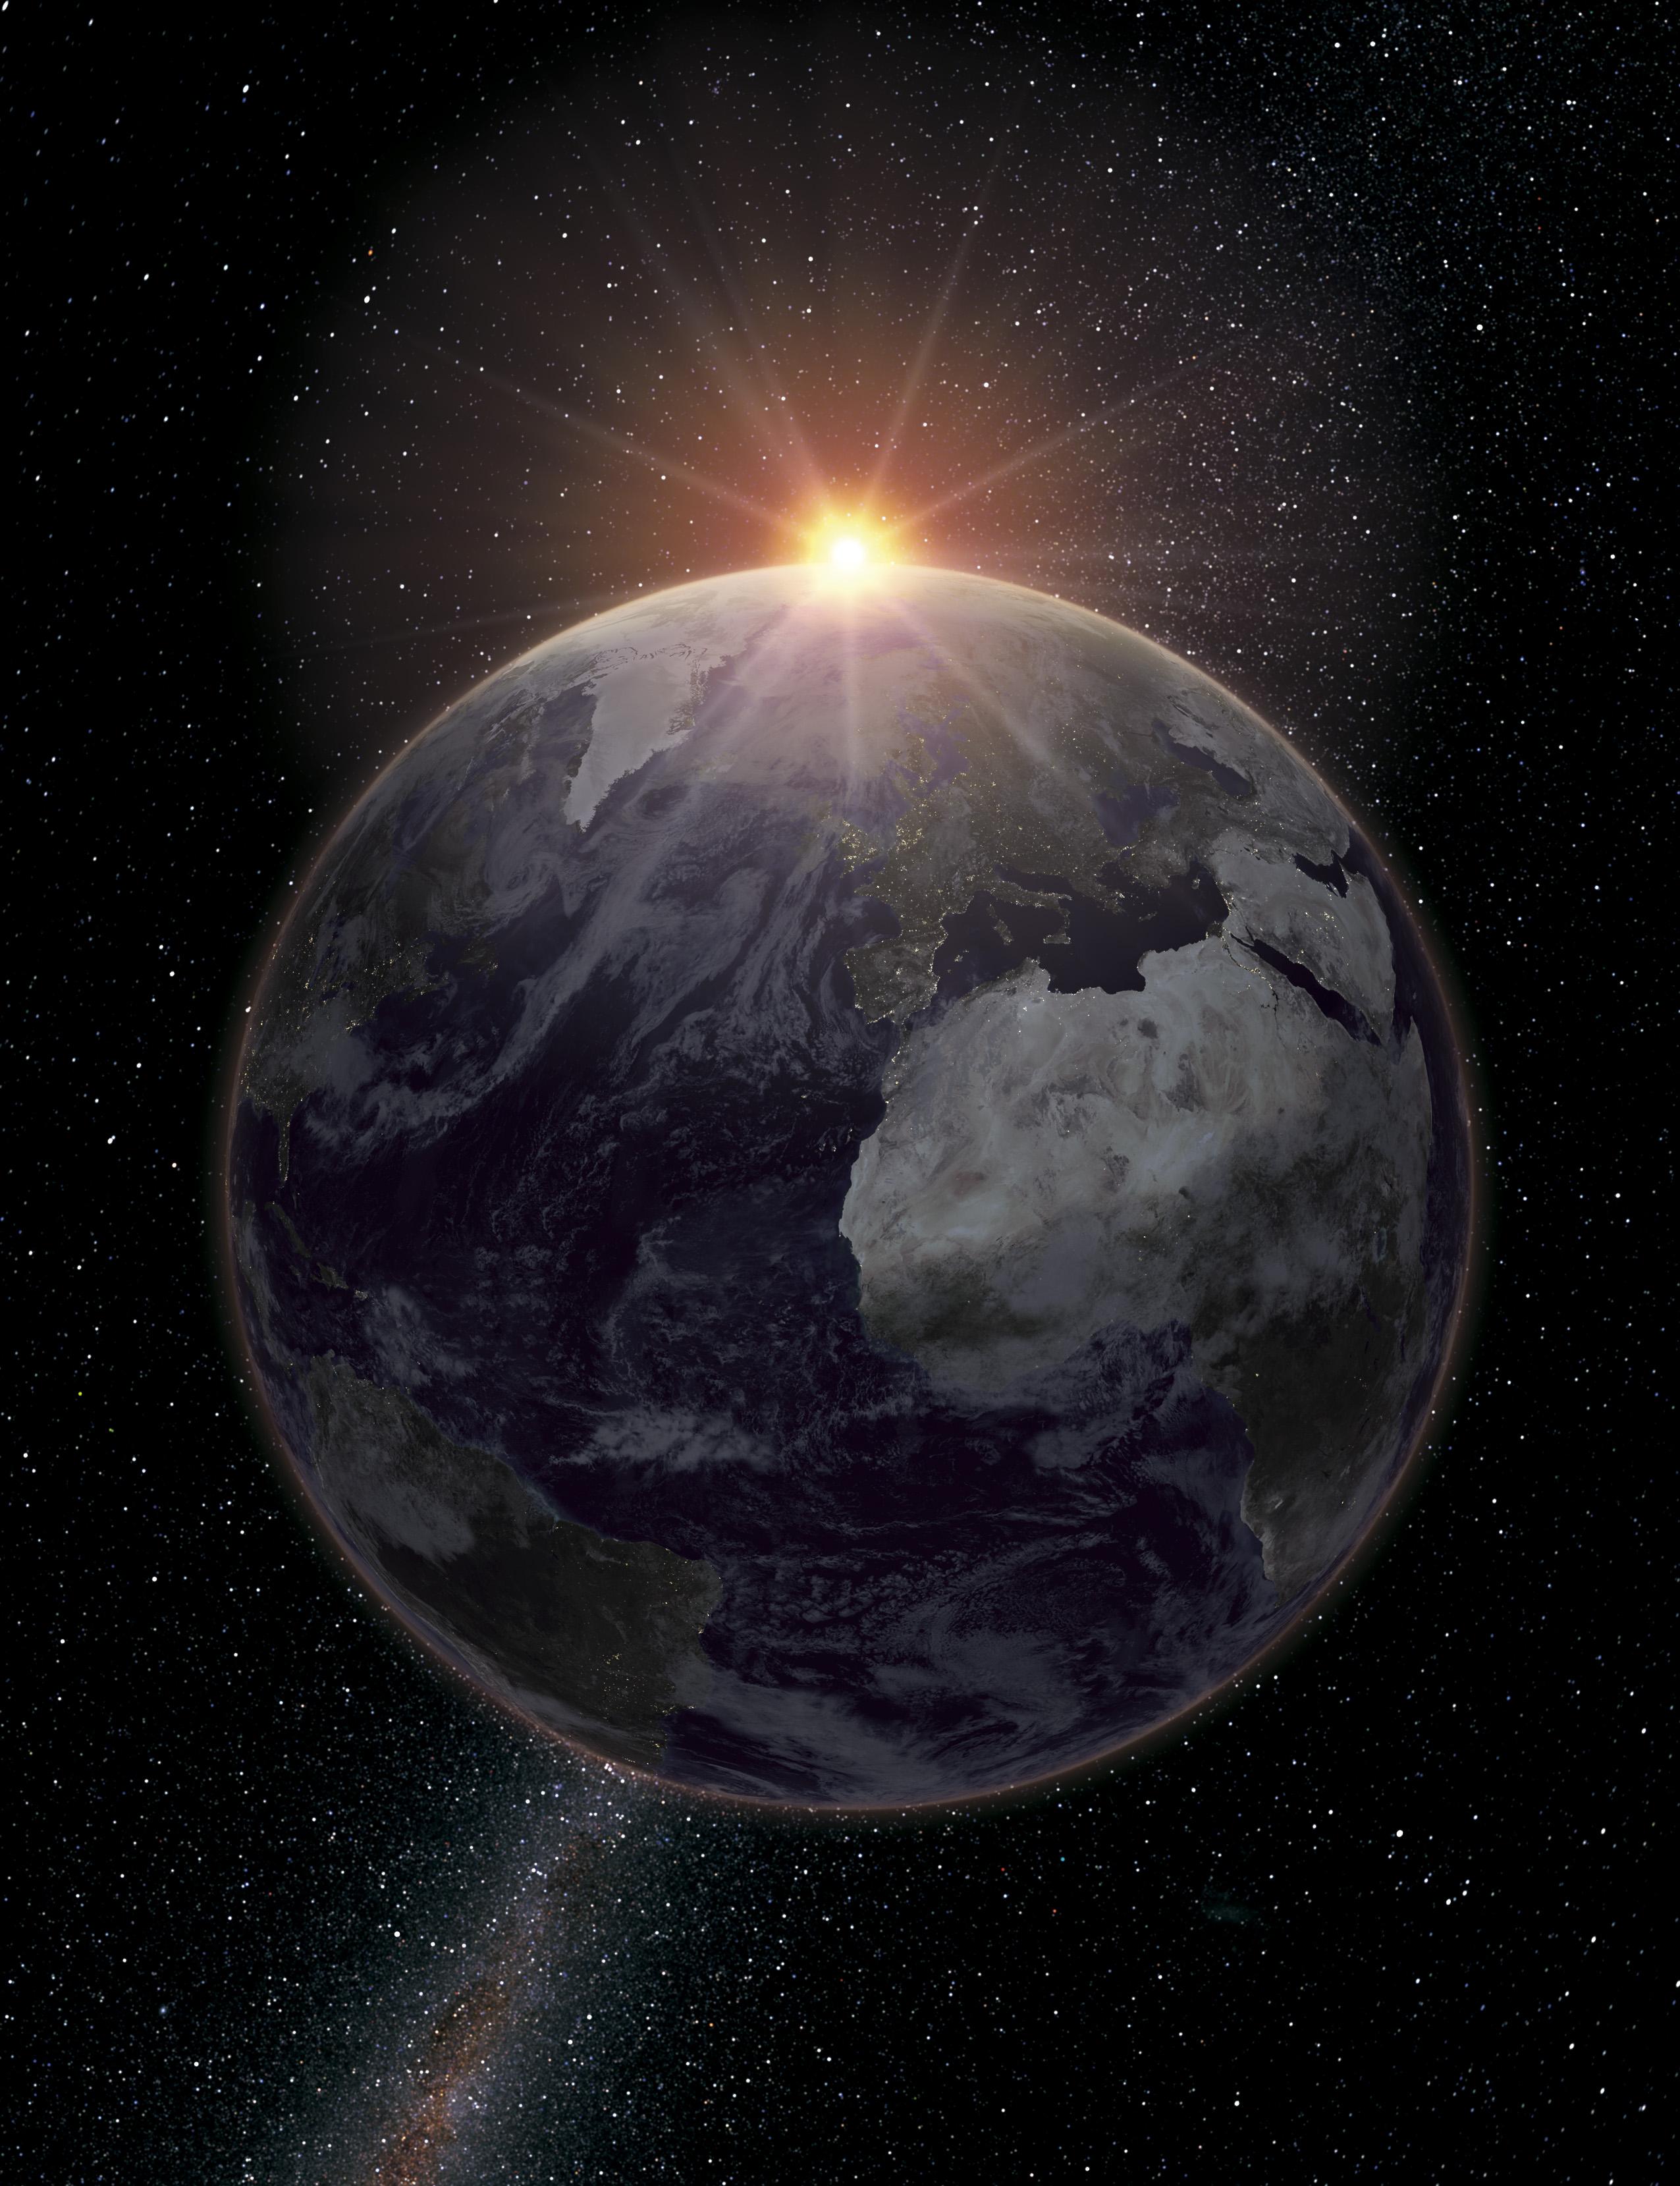 La Luna inspira un método para hallar planetas similares a la Tierra